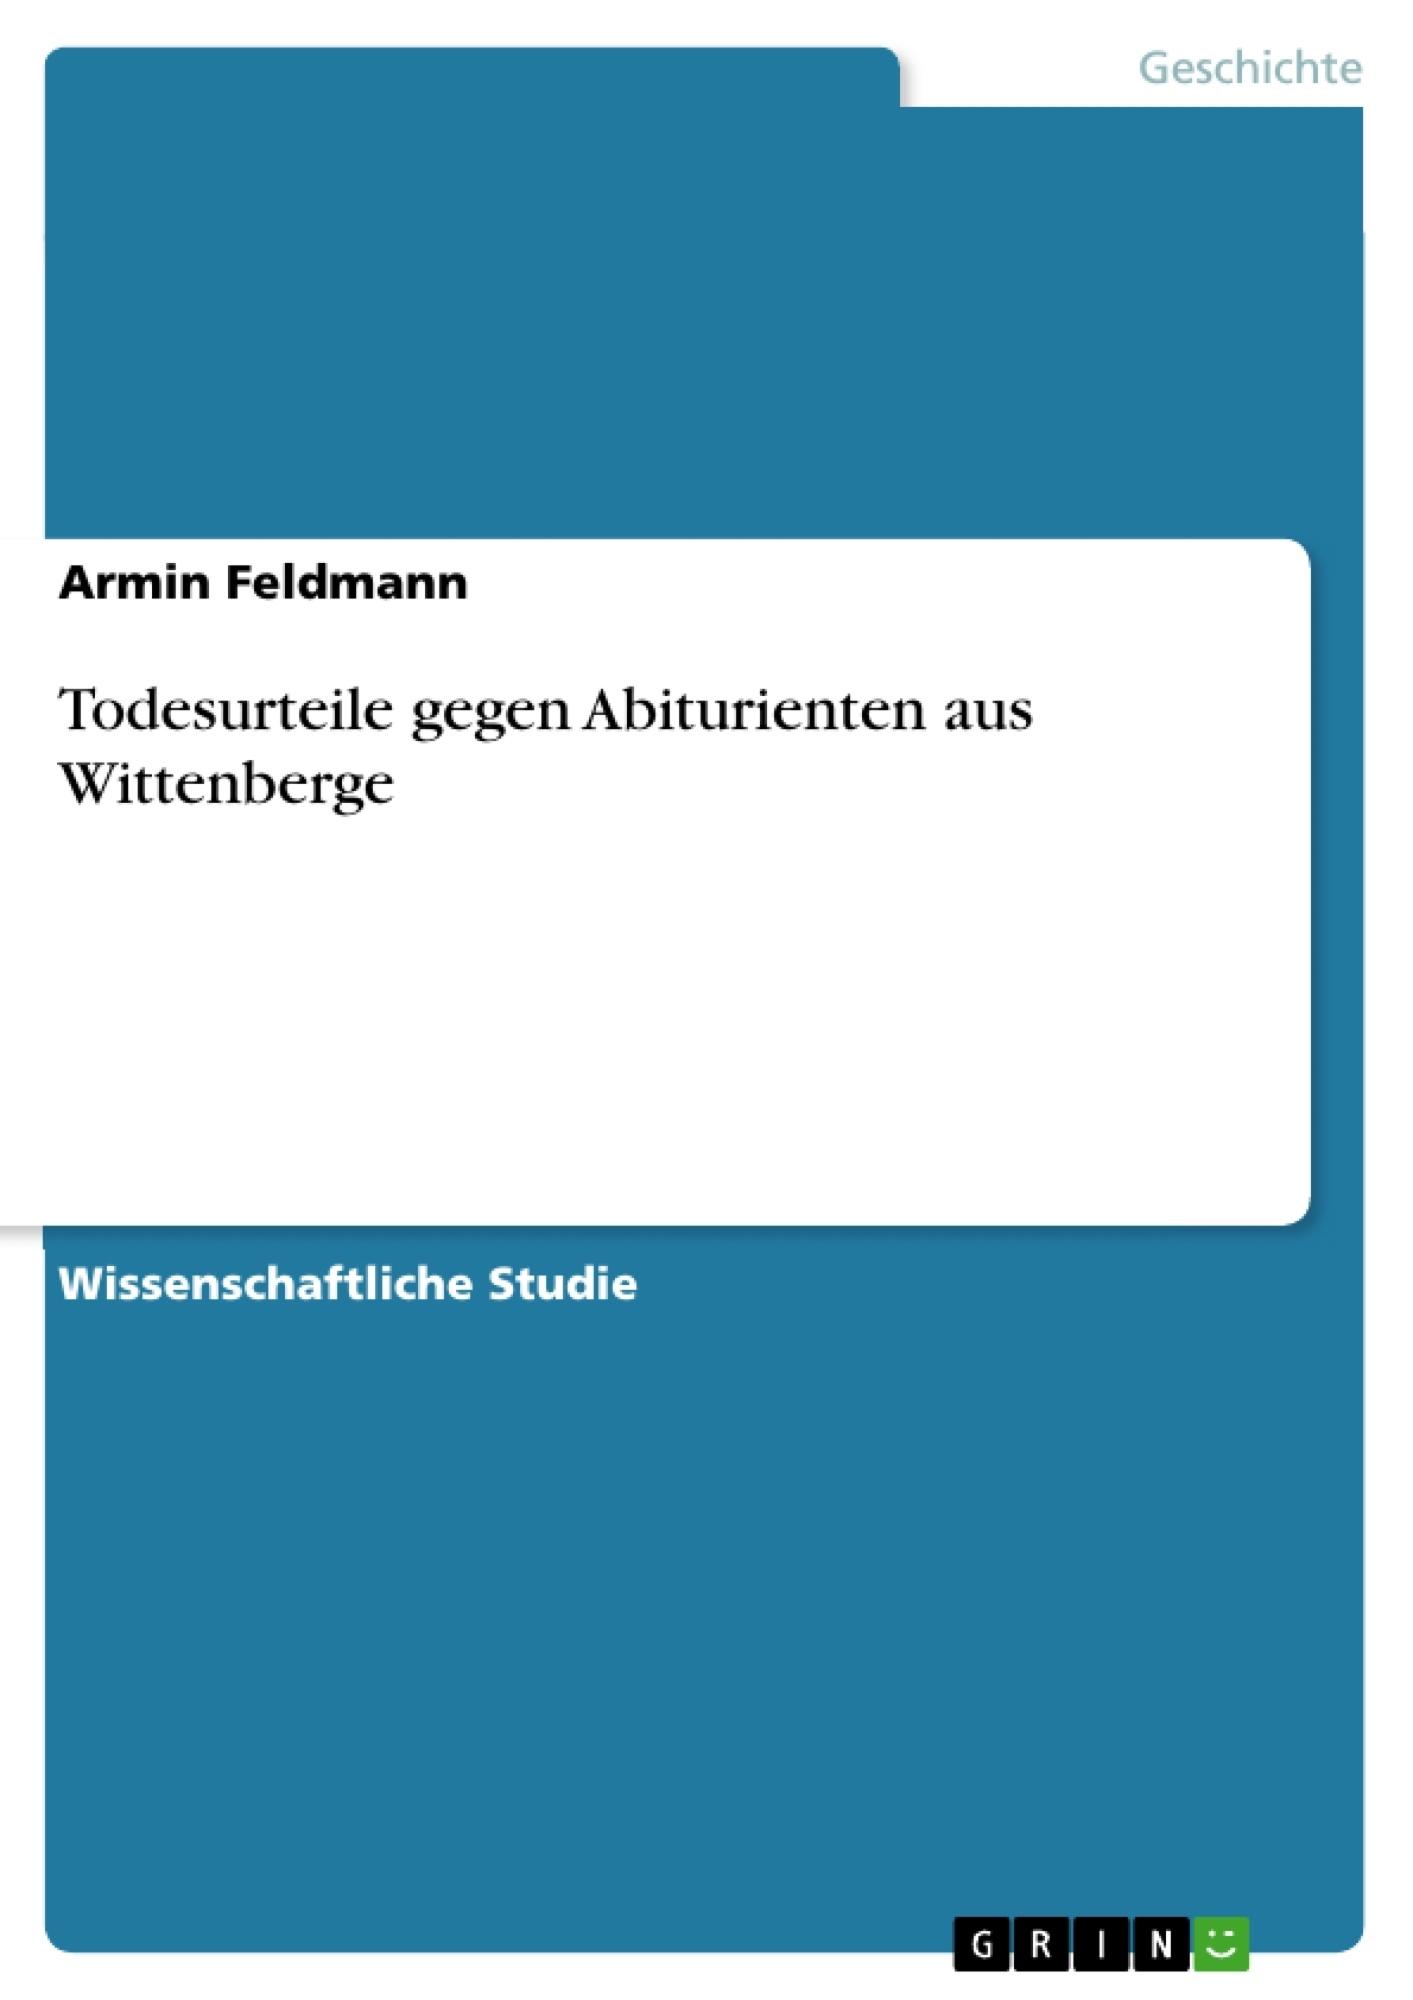 Titel: Todesurteile gegen Abiturienten aus Wittenberge